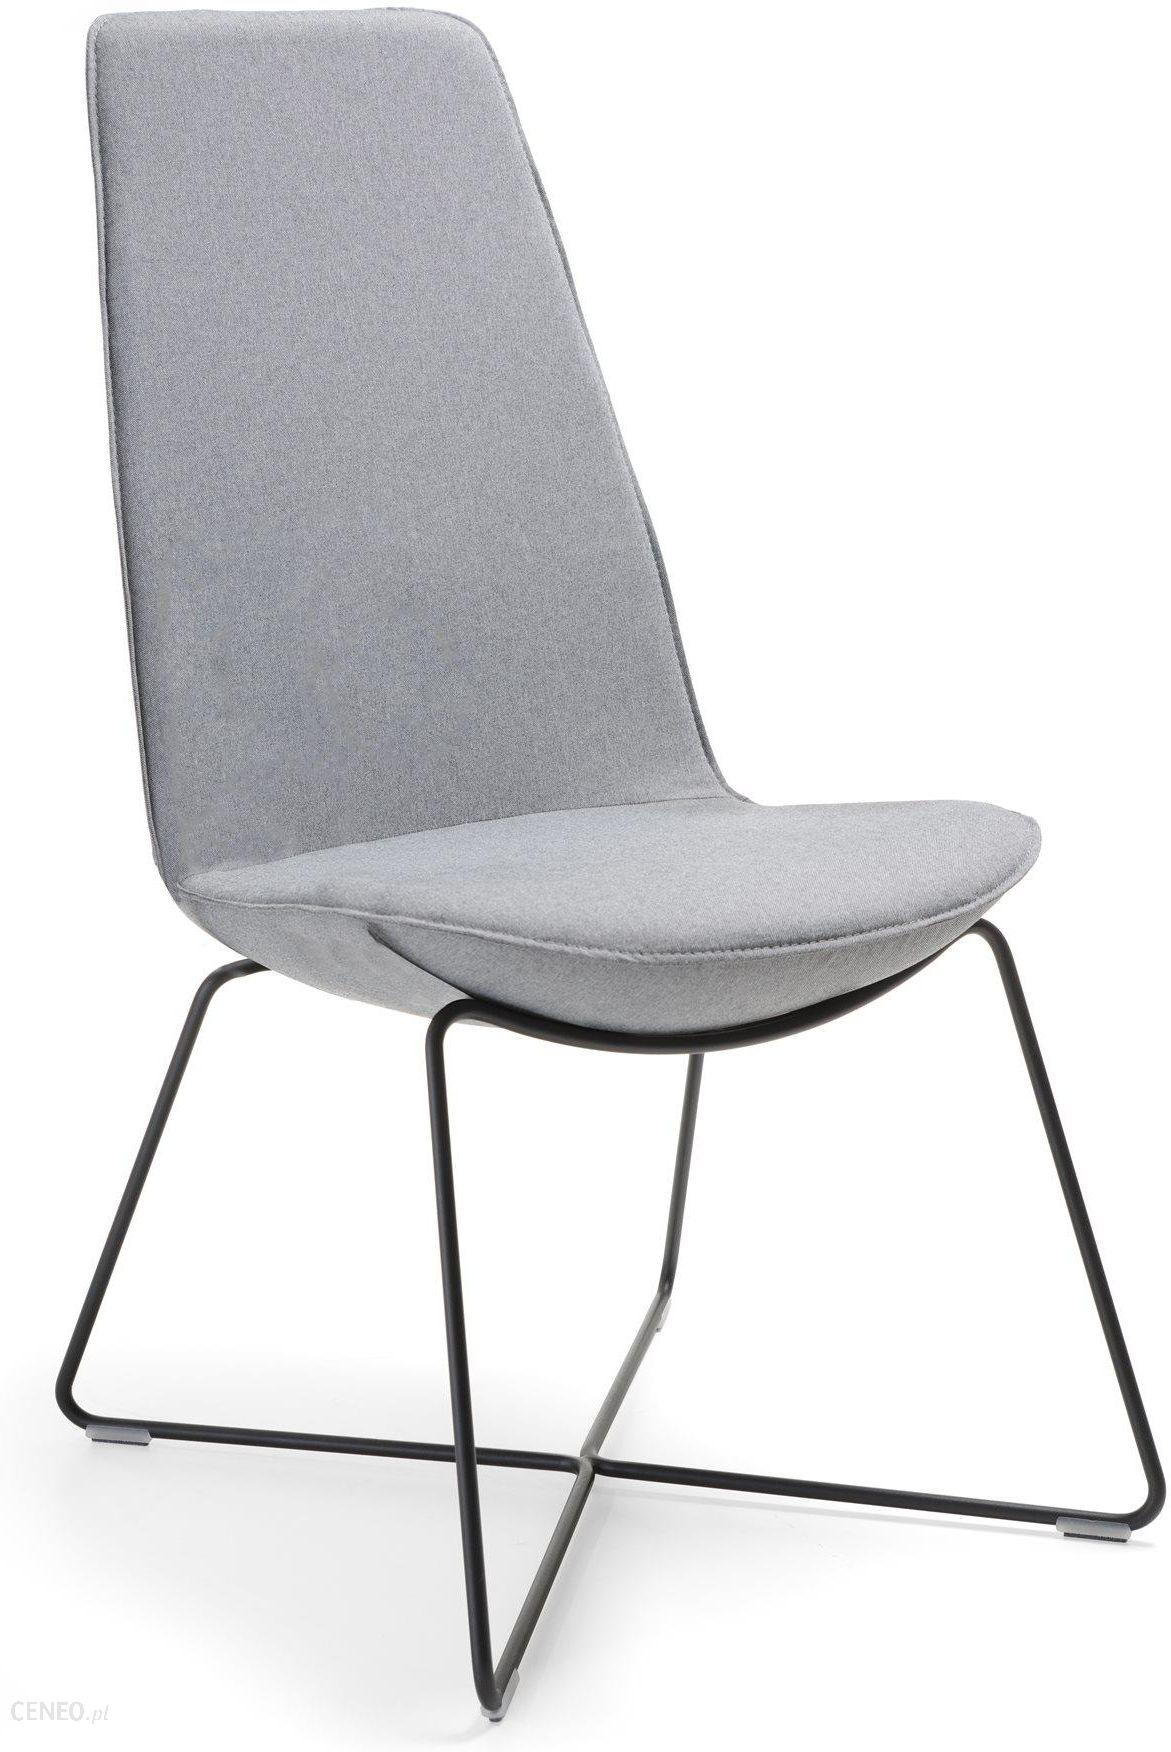 Bejot Krzesło Lumi Lm 629 Ceny i opinie Ceneo.pl